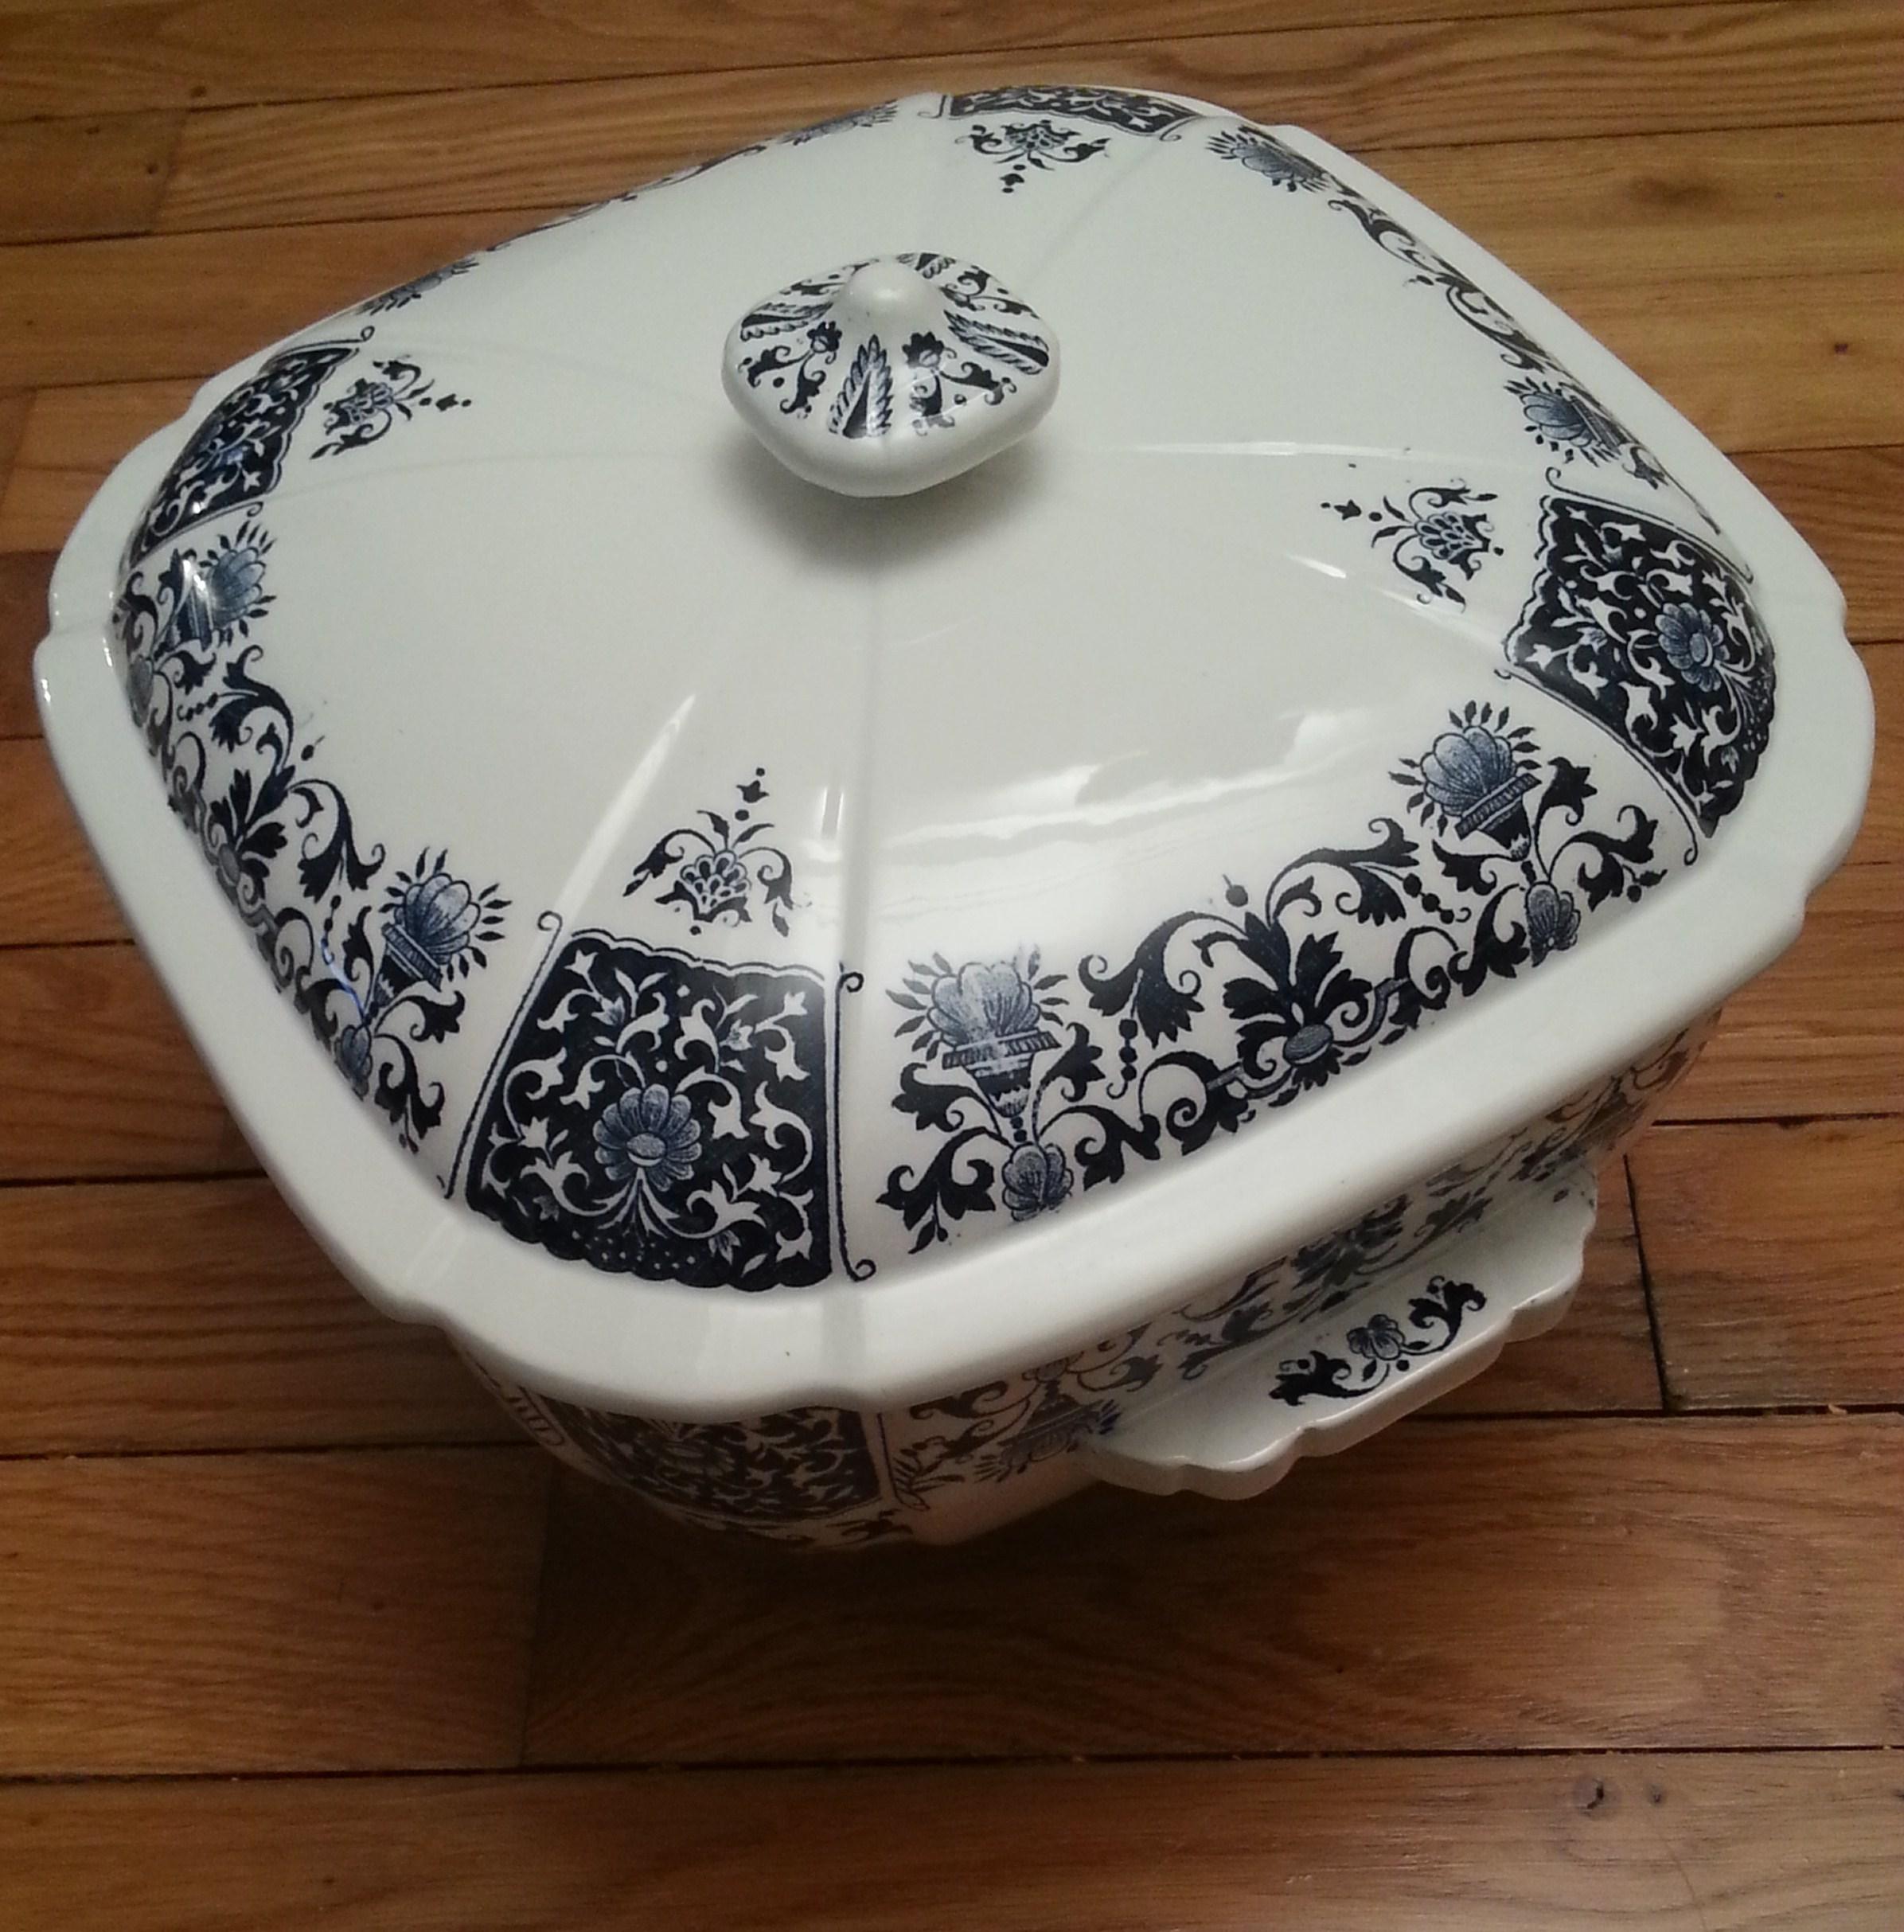 Service de table design en porcelaine 18 pi ces pictures - Service de table design ...